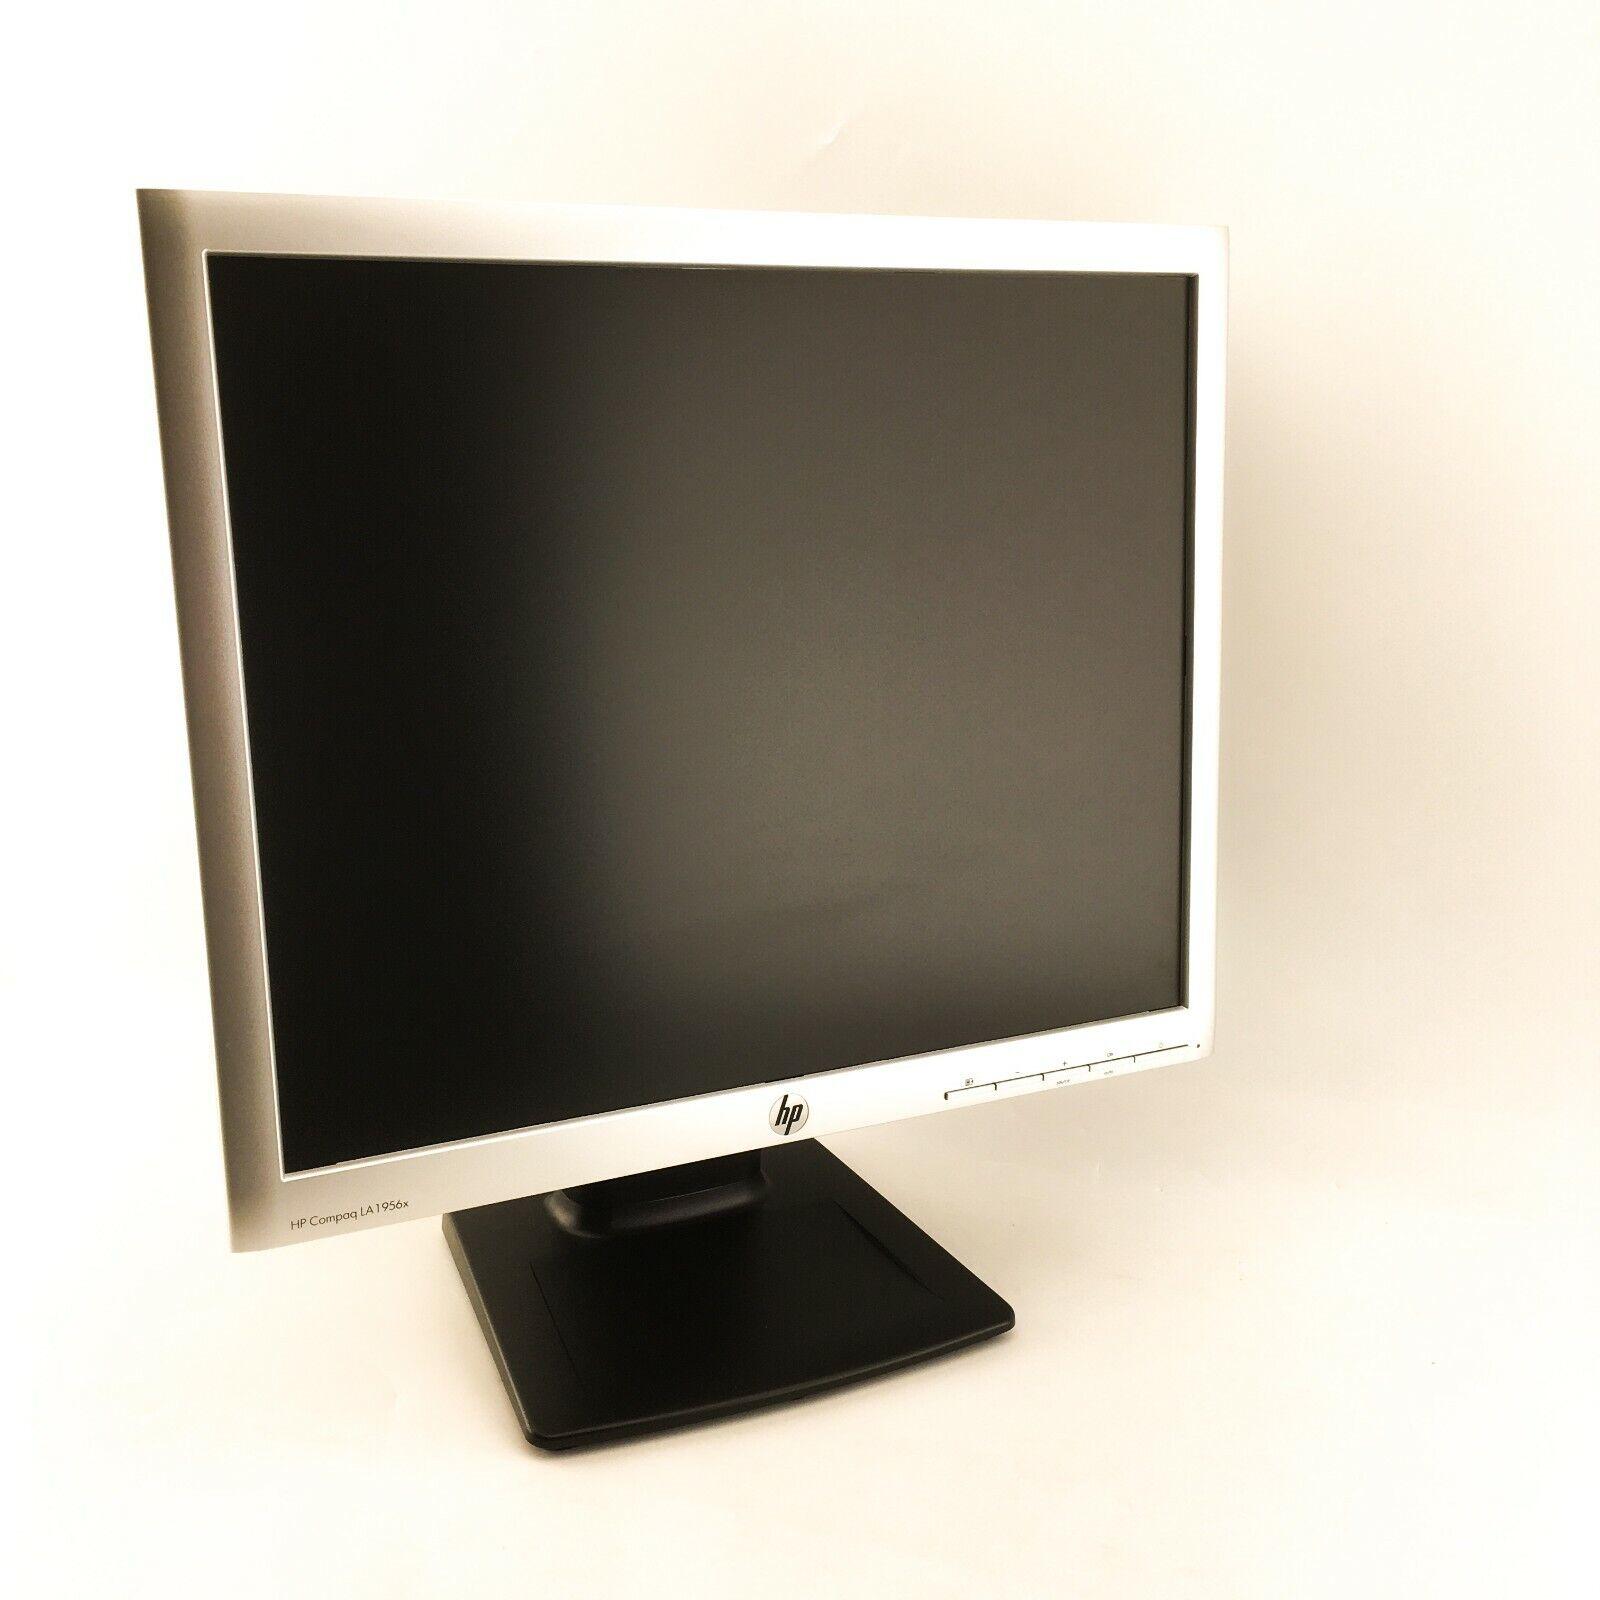 HP Compaq LA1956X, DP, DVI, USB, 1280x1024, 19 Zoll Monitor